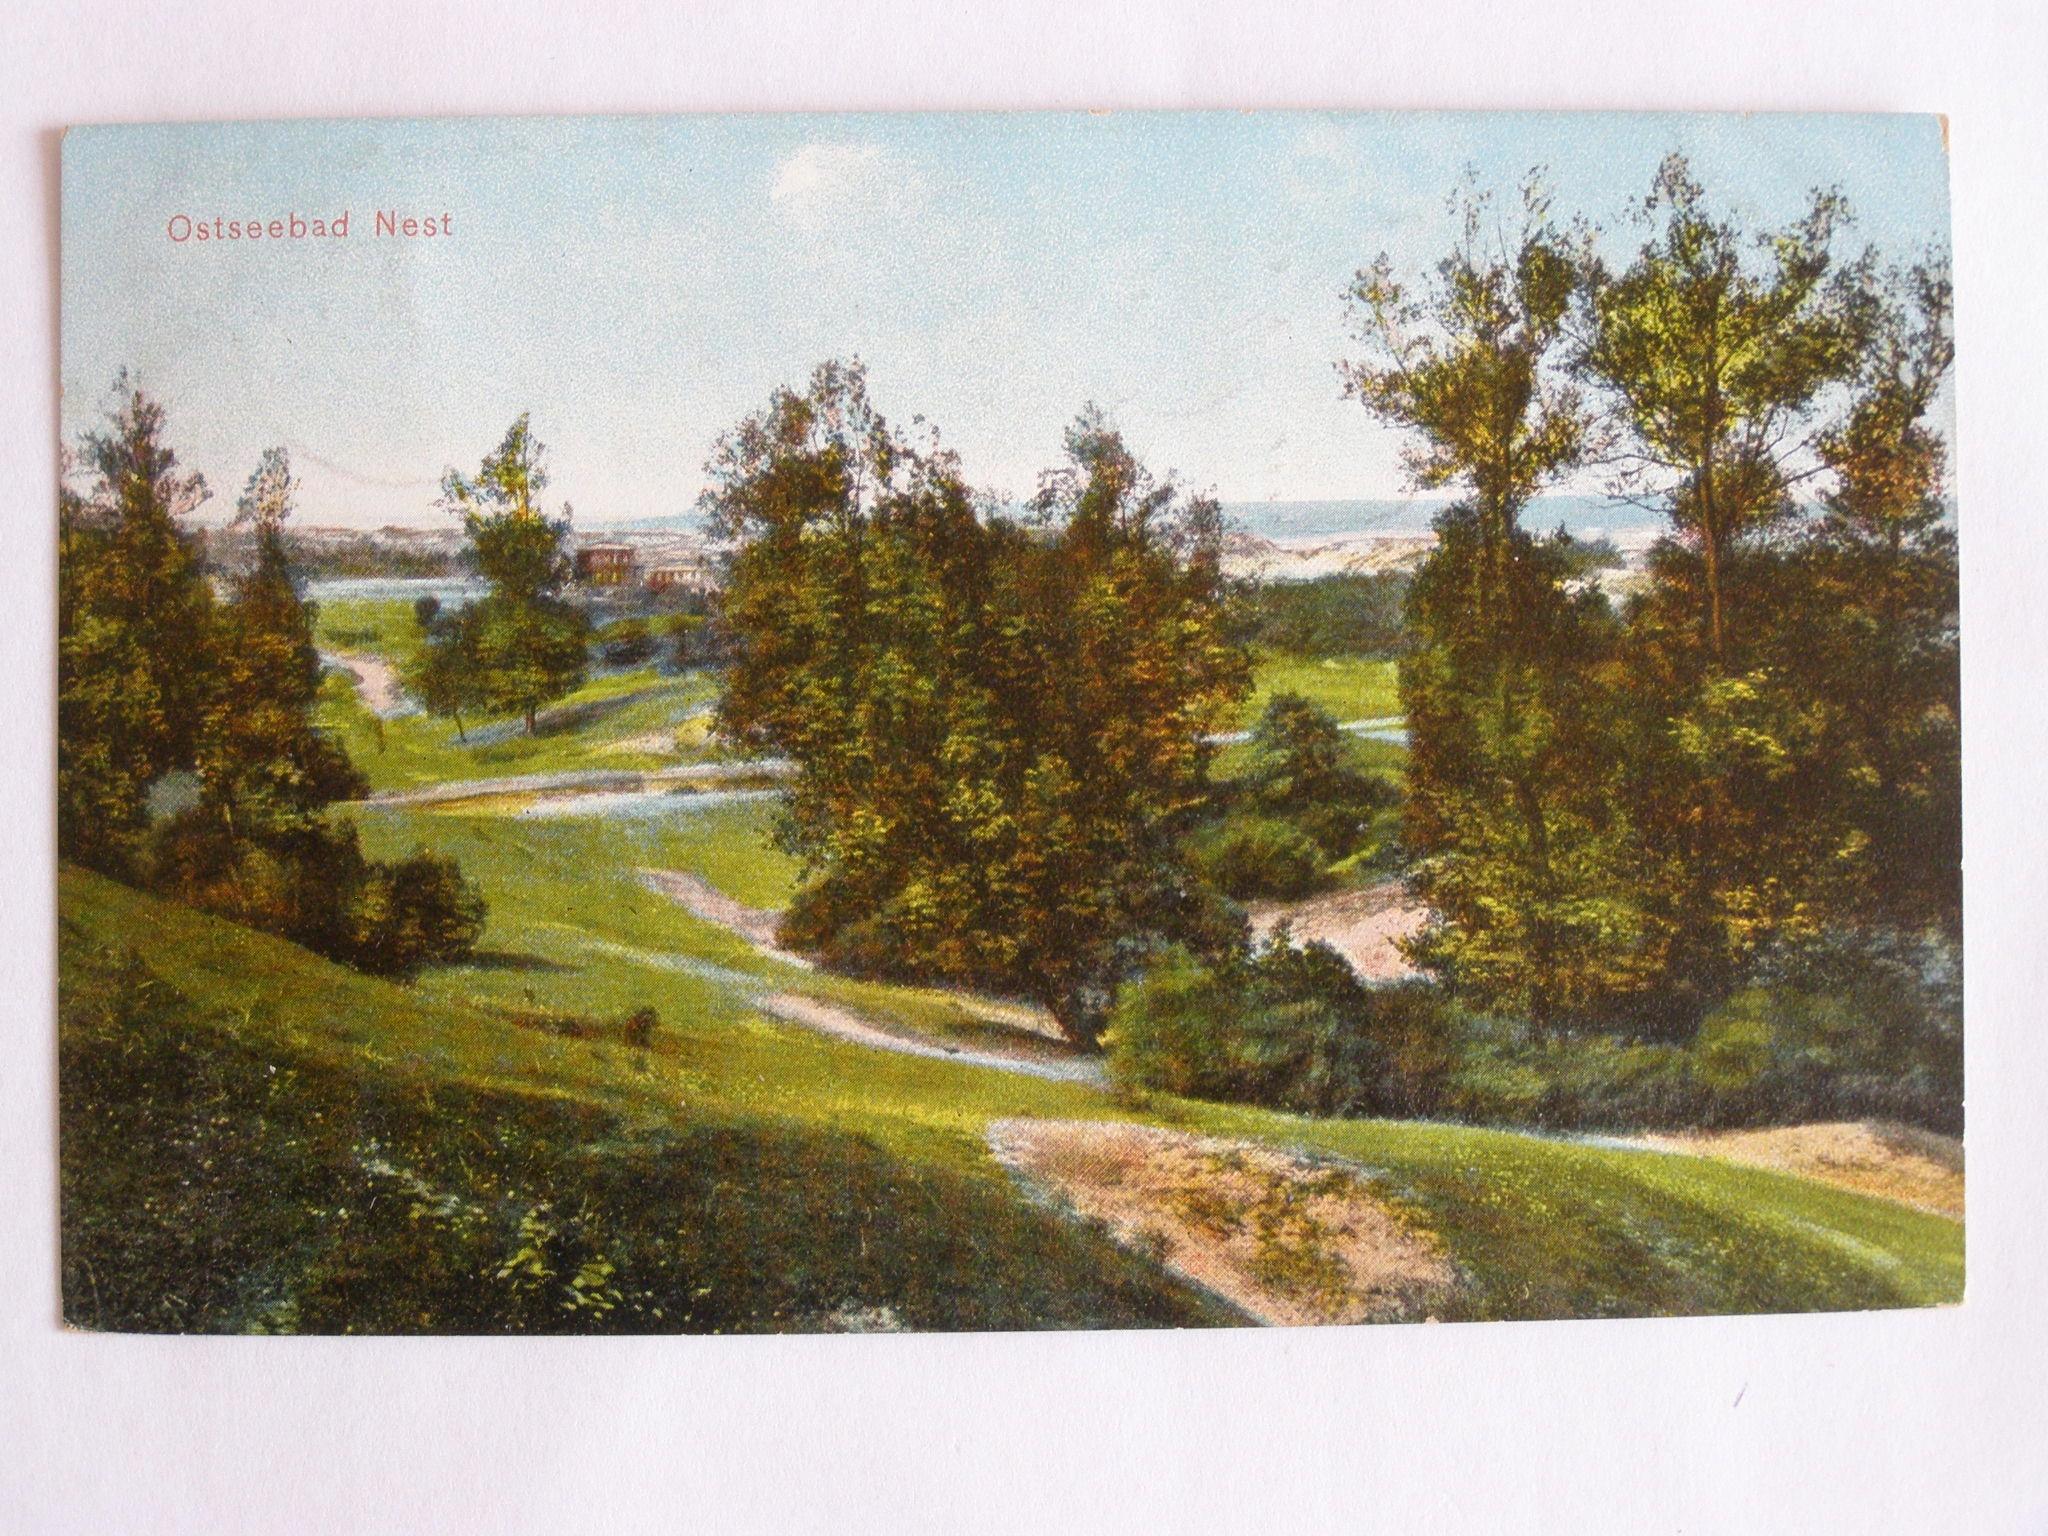 Unieście Nest Mielno widok z wydmy Koszalin 1910